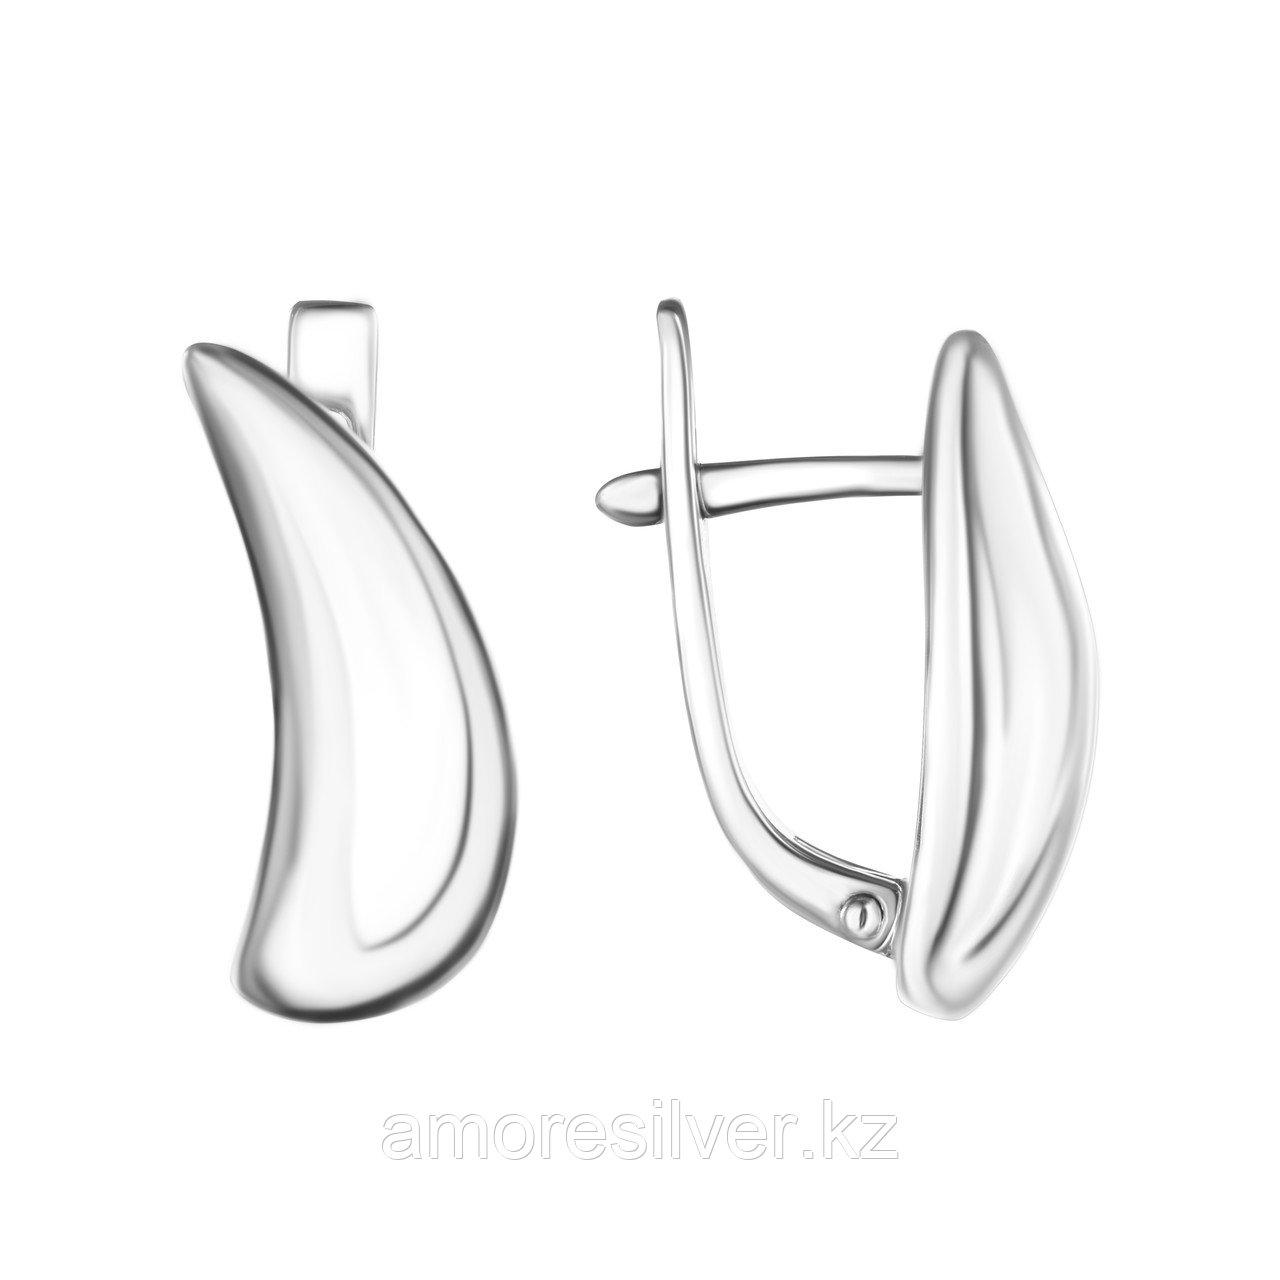 Серьги TEOSA серебро с родием, без вставок, с английским замком, геометрия 10220-0655-00